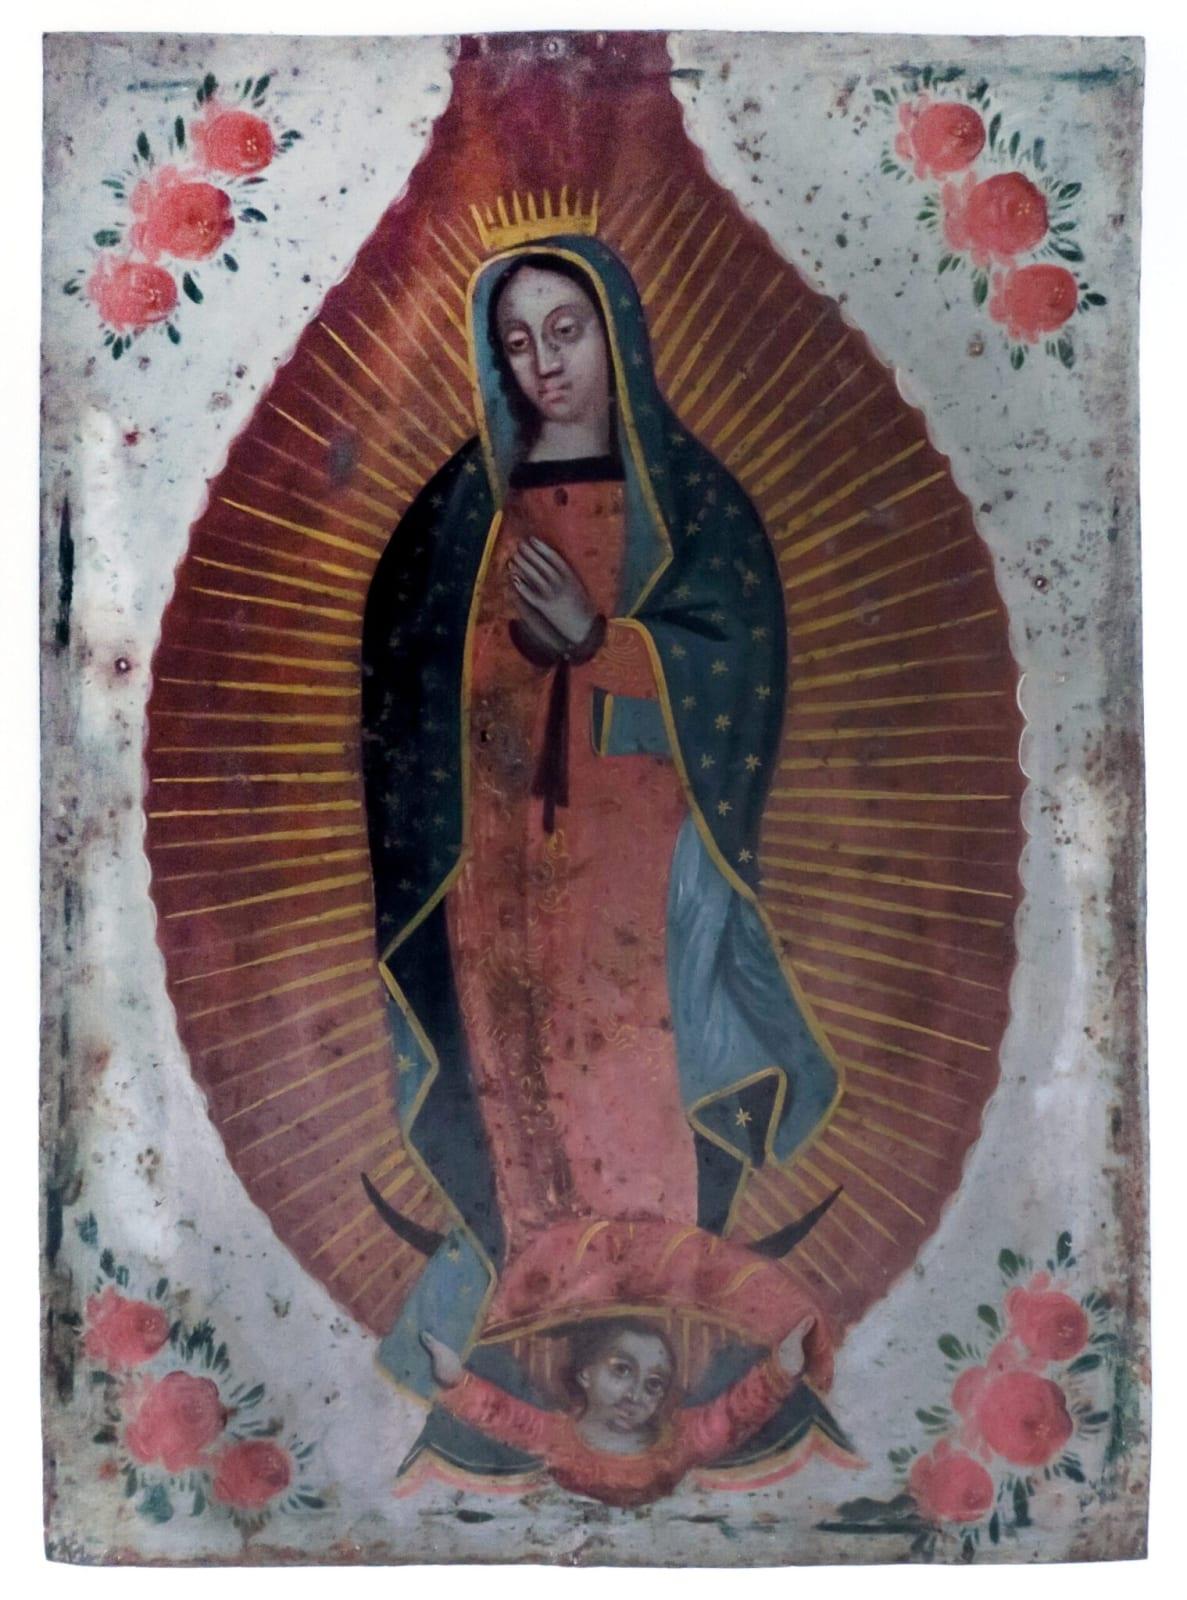 Mexican Folk Retablos, Untitled, n.d.